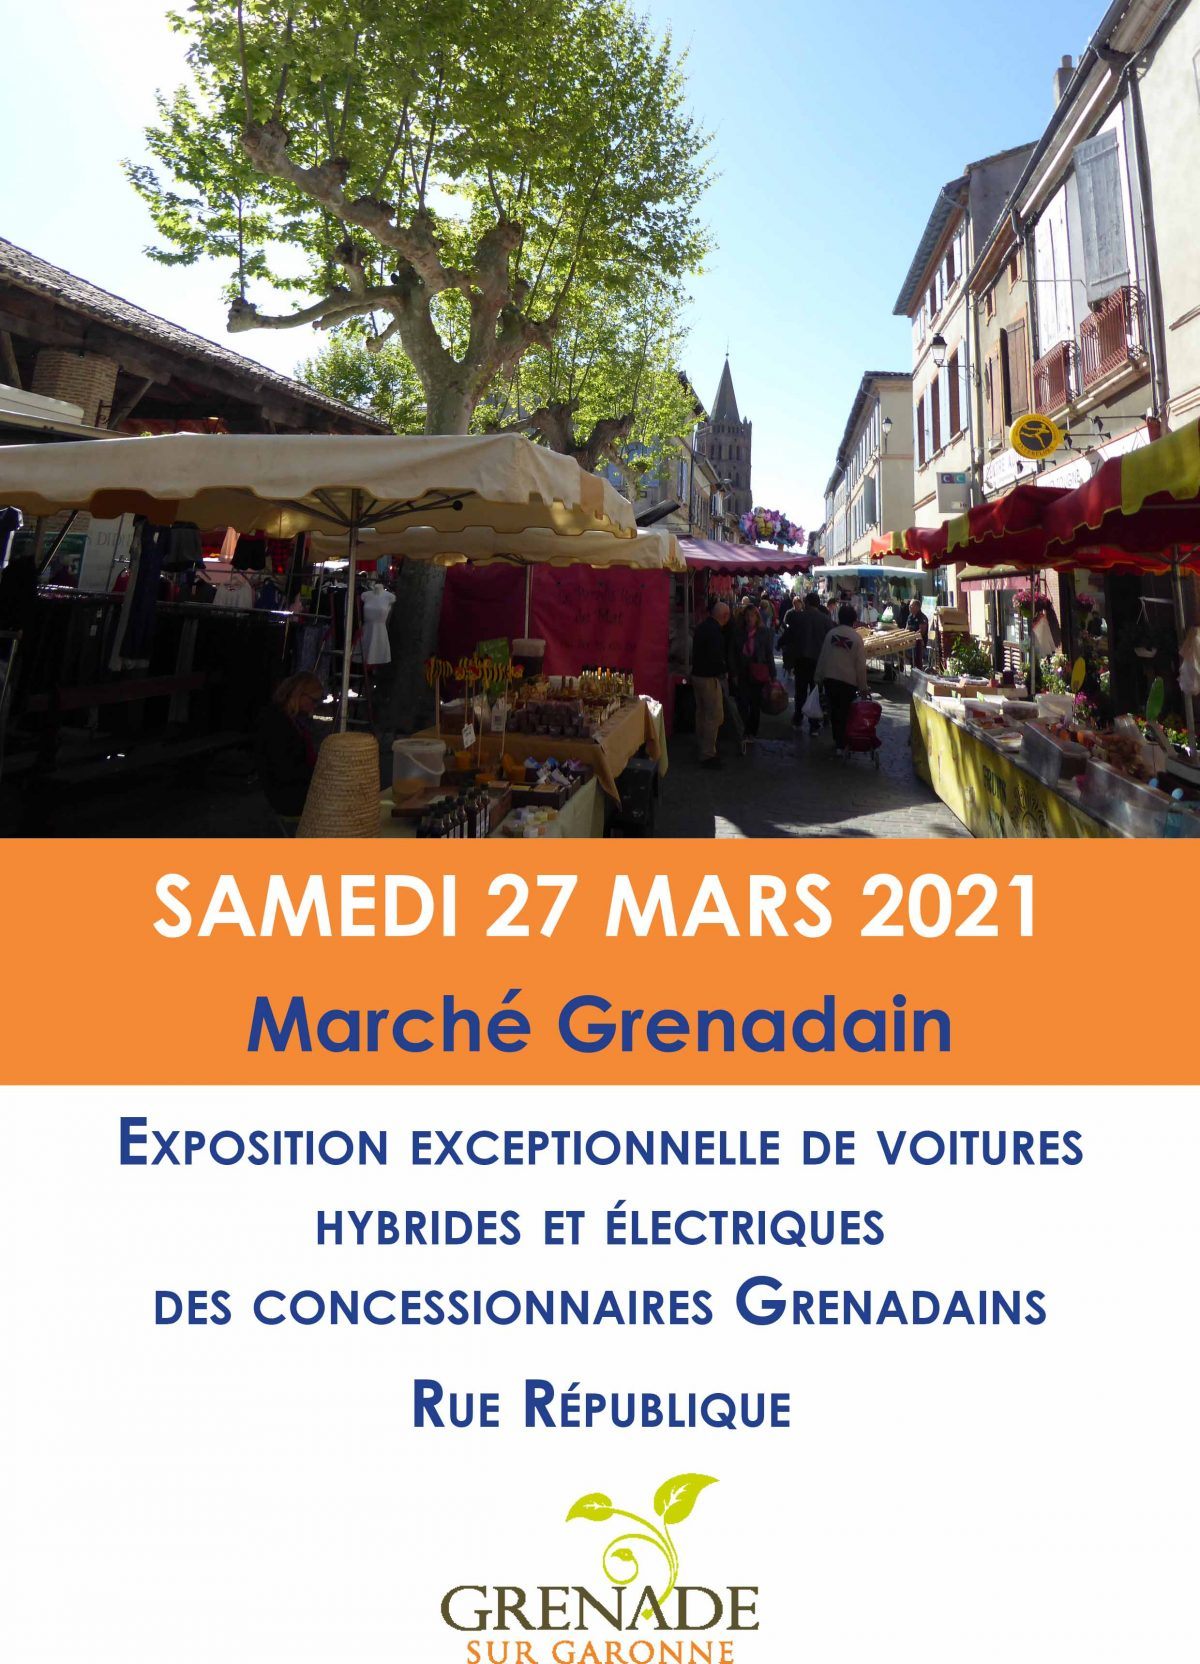 Marché Grenadain – Exposition exceptionnelle de voitures